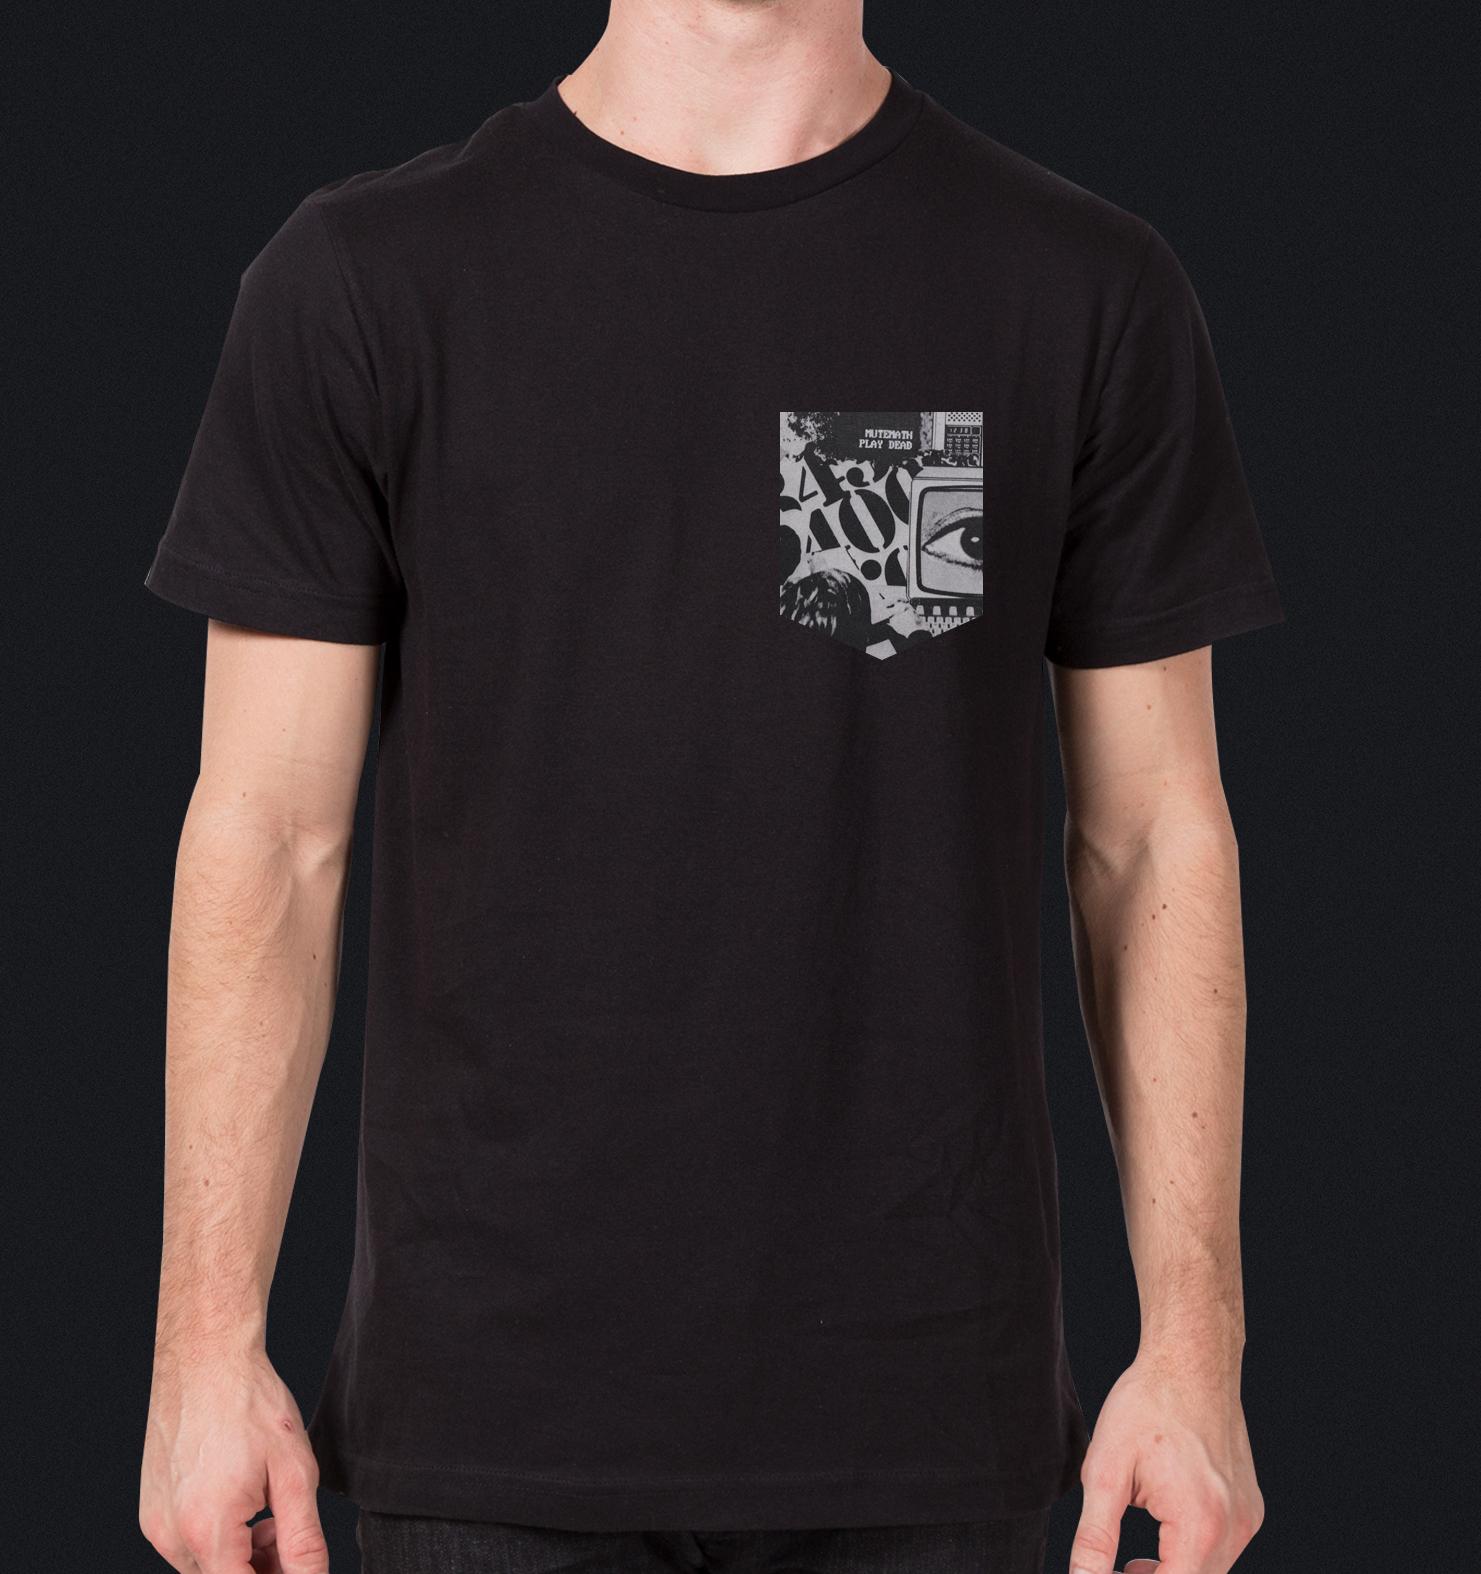 mm-shirt-dead-32.jpg